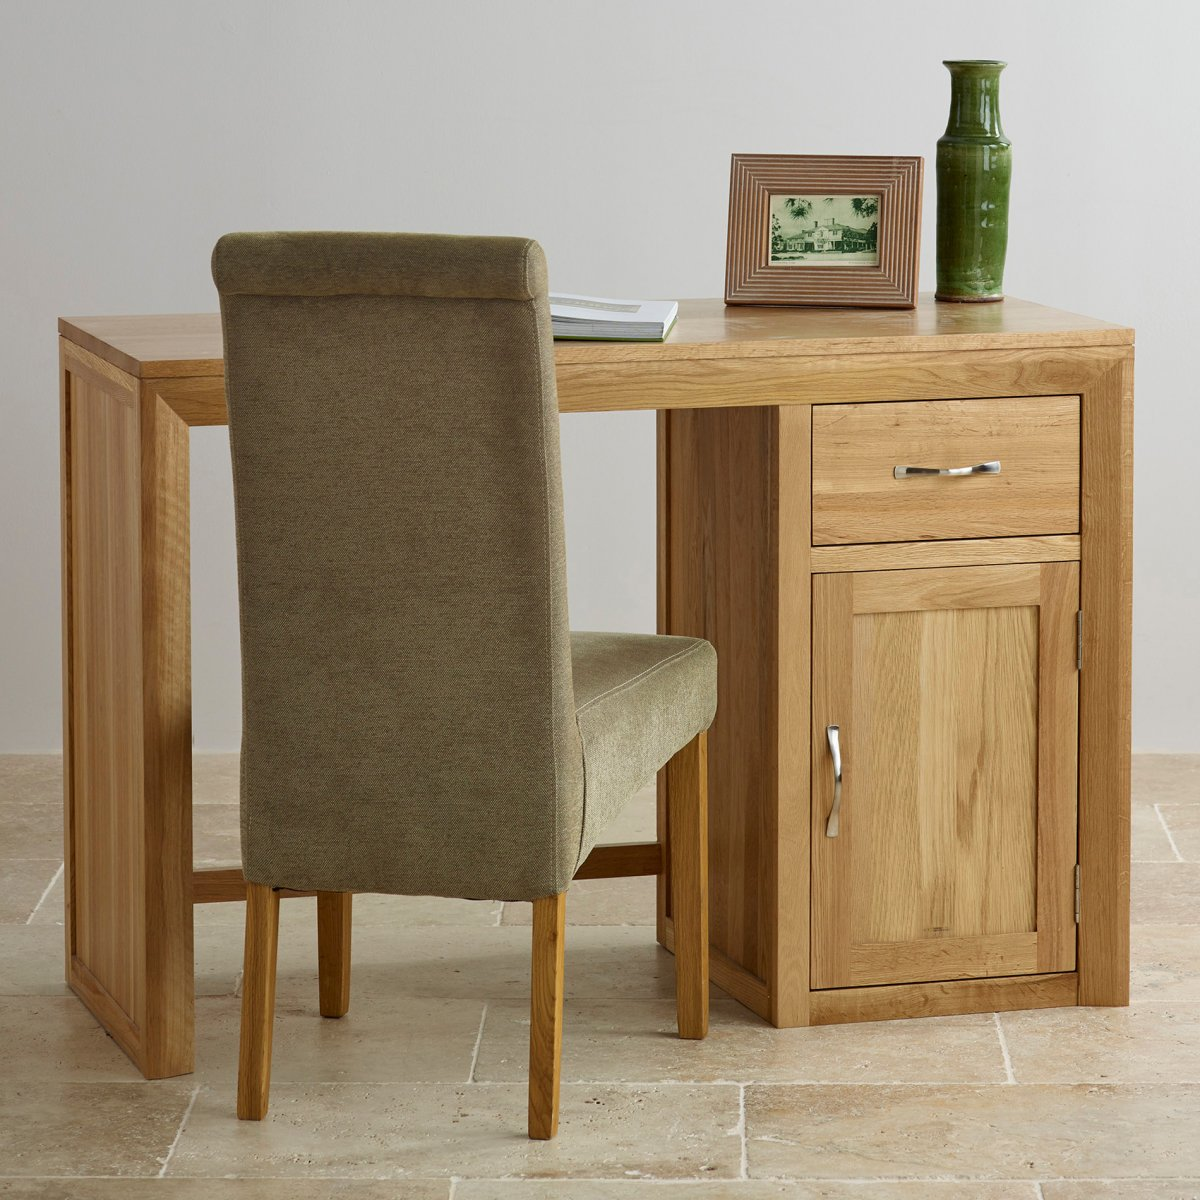 Bevel natural solid oak computer desk by oak furniture land for Oak furniture land